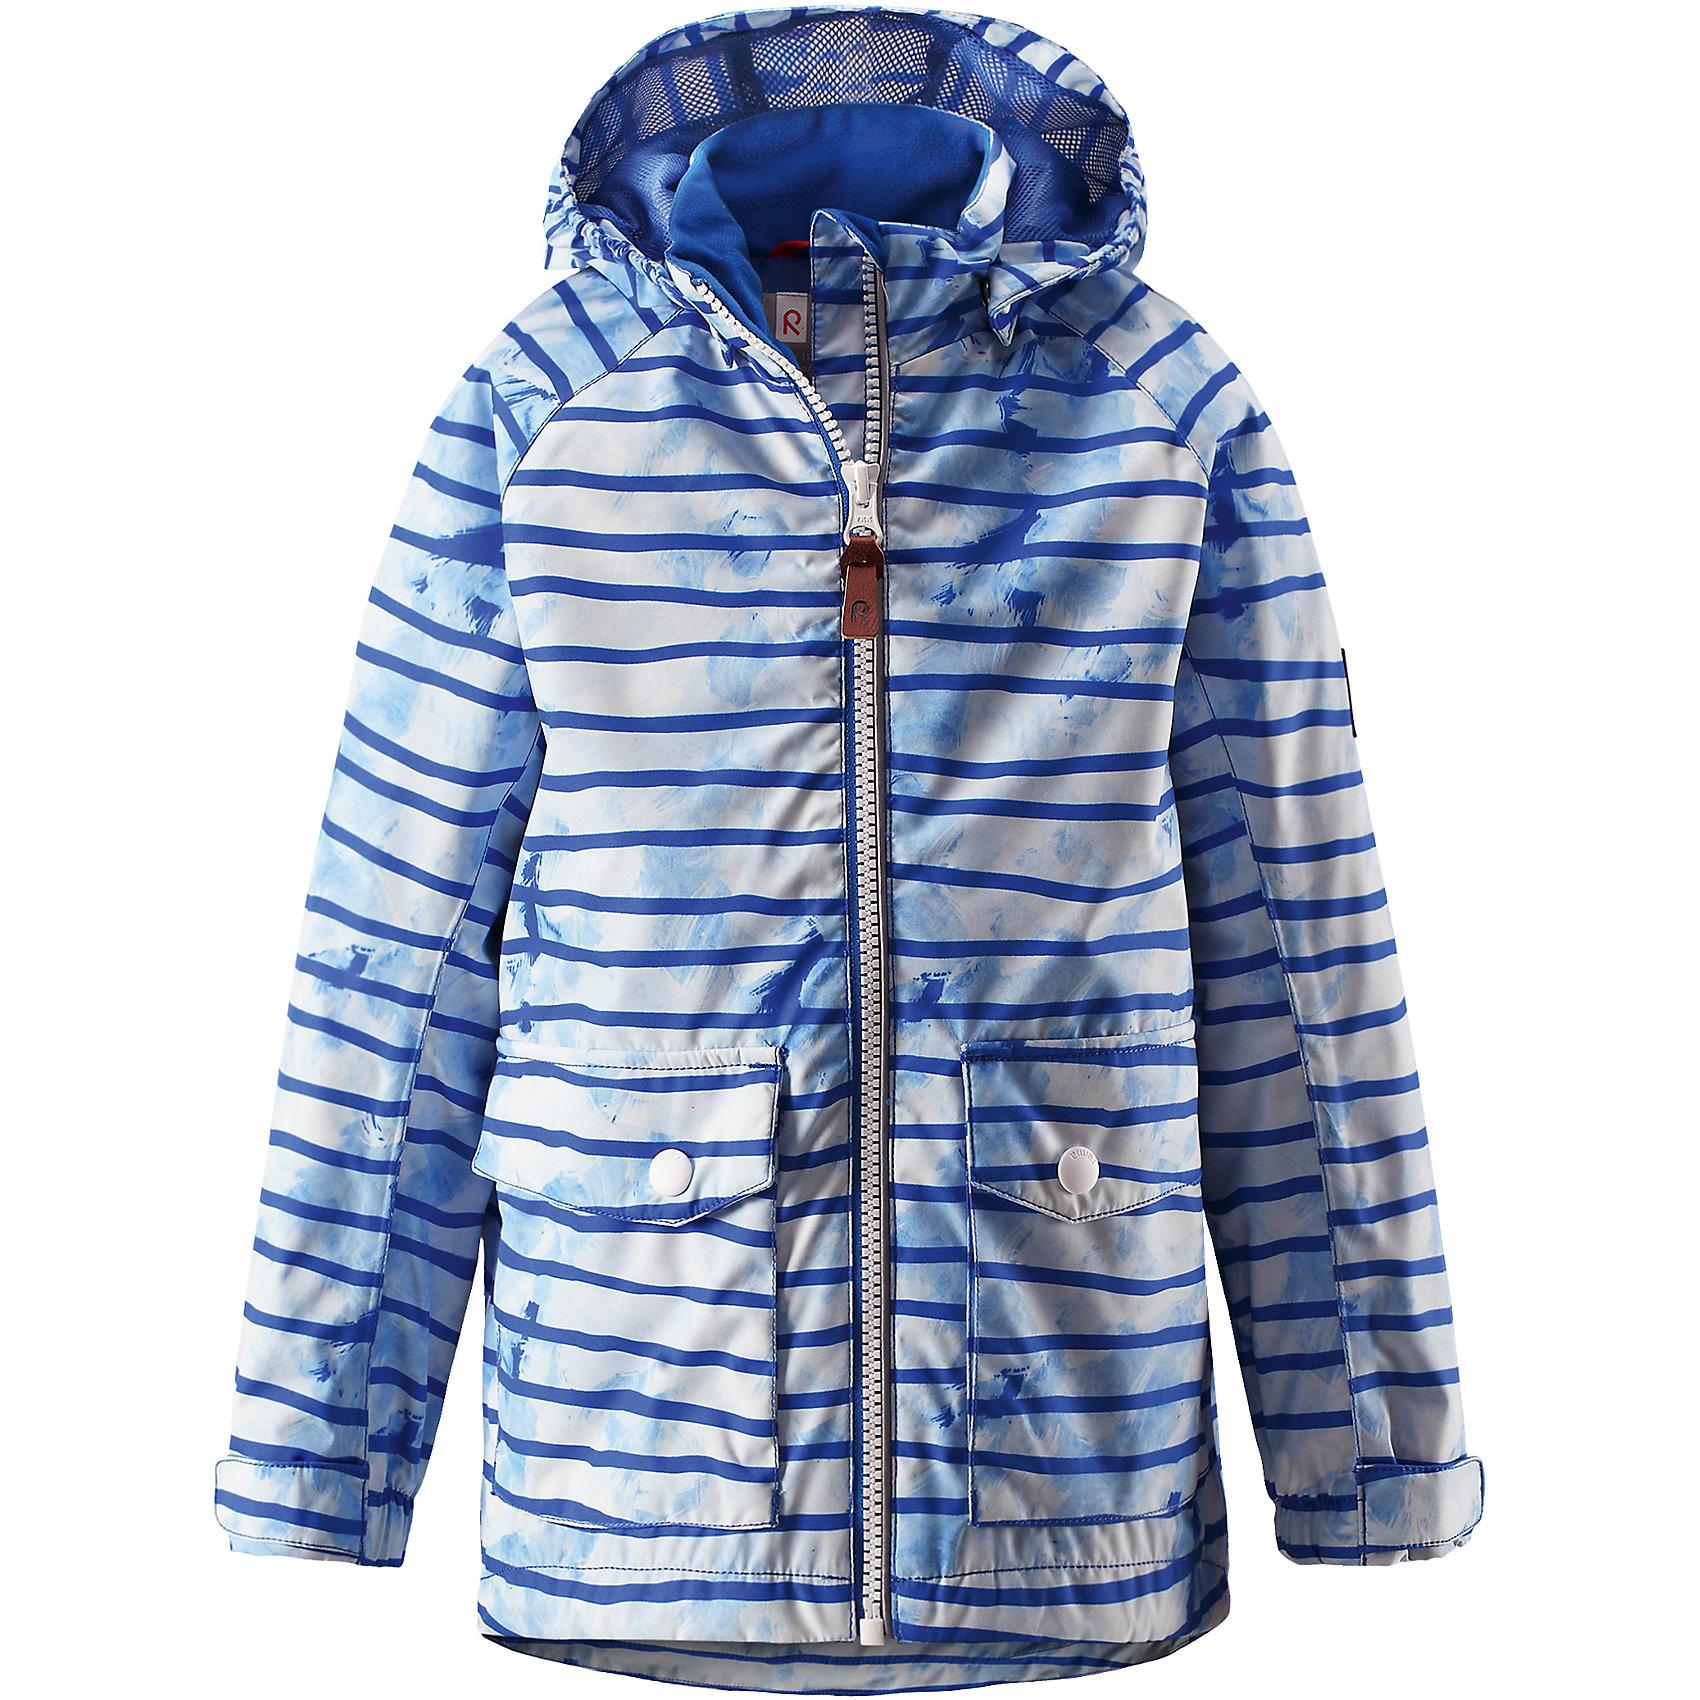 Куртка для мальчика Reimatec® ReimaХарактеристики товара:<br><br>• цвет: голубой<br>• состав: 100% полиэстер, полиуретановое покрытие<br>• температурный режим: от +5° до +15°С<br>• водонепроницаемость: 5000 мм<br>• воздухопроницаемость: 3000 мм<br>• износостойкость: 15000 циклов (тест Мартиндейла)<br>• без утеплителя<br>• основные швы проклеены, водонепроницаемы<br>• водоотталкивающий, ветронепроницаемый, дышащий и водонепроницаемый материал<br>• гладкая подкладка из полиэстера на туловище, подкладка из mesh-сетки на капюшоне<br>• безопасный съёмный капюшон<br>• регулируемые манжеты на застёжке-липучке<br>• регулируемый подол<br>• два кармана с клапанами<br>• светоотражающие детали<br>• комфортная посадка<br>• страна производства: Китай<br>• страна бренда: Финляндия<br>• коллекция: весна-лето 2017<br><br>В межсезонье верхняя одежда для детей может быть модной и комфортной одновременно! Демисезонная куртка поможет обеспечить ребенку комфорт и тепло. Она отлично смотрится с различной одеждой и обувью. Изделие удобно сидит и модно выглядит. Материал - прочный, хорошо подходящий для межсезонья, водо- и ветронепроницаемый, «дышащий». Стильный дизайн разрабатывался специально для детей.<br><br>Одежда и обувь от финского бренда Reima пользуется популярностью во многих странах. Эти изделия стильные, качественные и удобные. Для производства продукции используются только безопасные, проверенные материалы и фурнитура. Порадуйте ребенка модными и красивыми вещами от Reima! <br><br>Куртку для мальчика Reimatec® от финского бренда Reima (Рейма) можно купить в нашем интернет-магазине.<br><br>Ширина мм: 356<br>Глубина мм: 10<br>Высота мм: 245<br>Вес г: 519<br>Цвет: синий<br>Возраст от месяцев: 48<br>Возраст до месяцев: 60<br>Пол: Мужской<br>Возраст: Детский<br>Размер: 110,128,134,140,92,152,122,116,146,98,104<br>SKU: 5270657